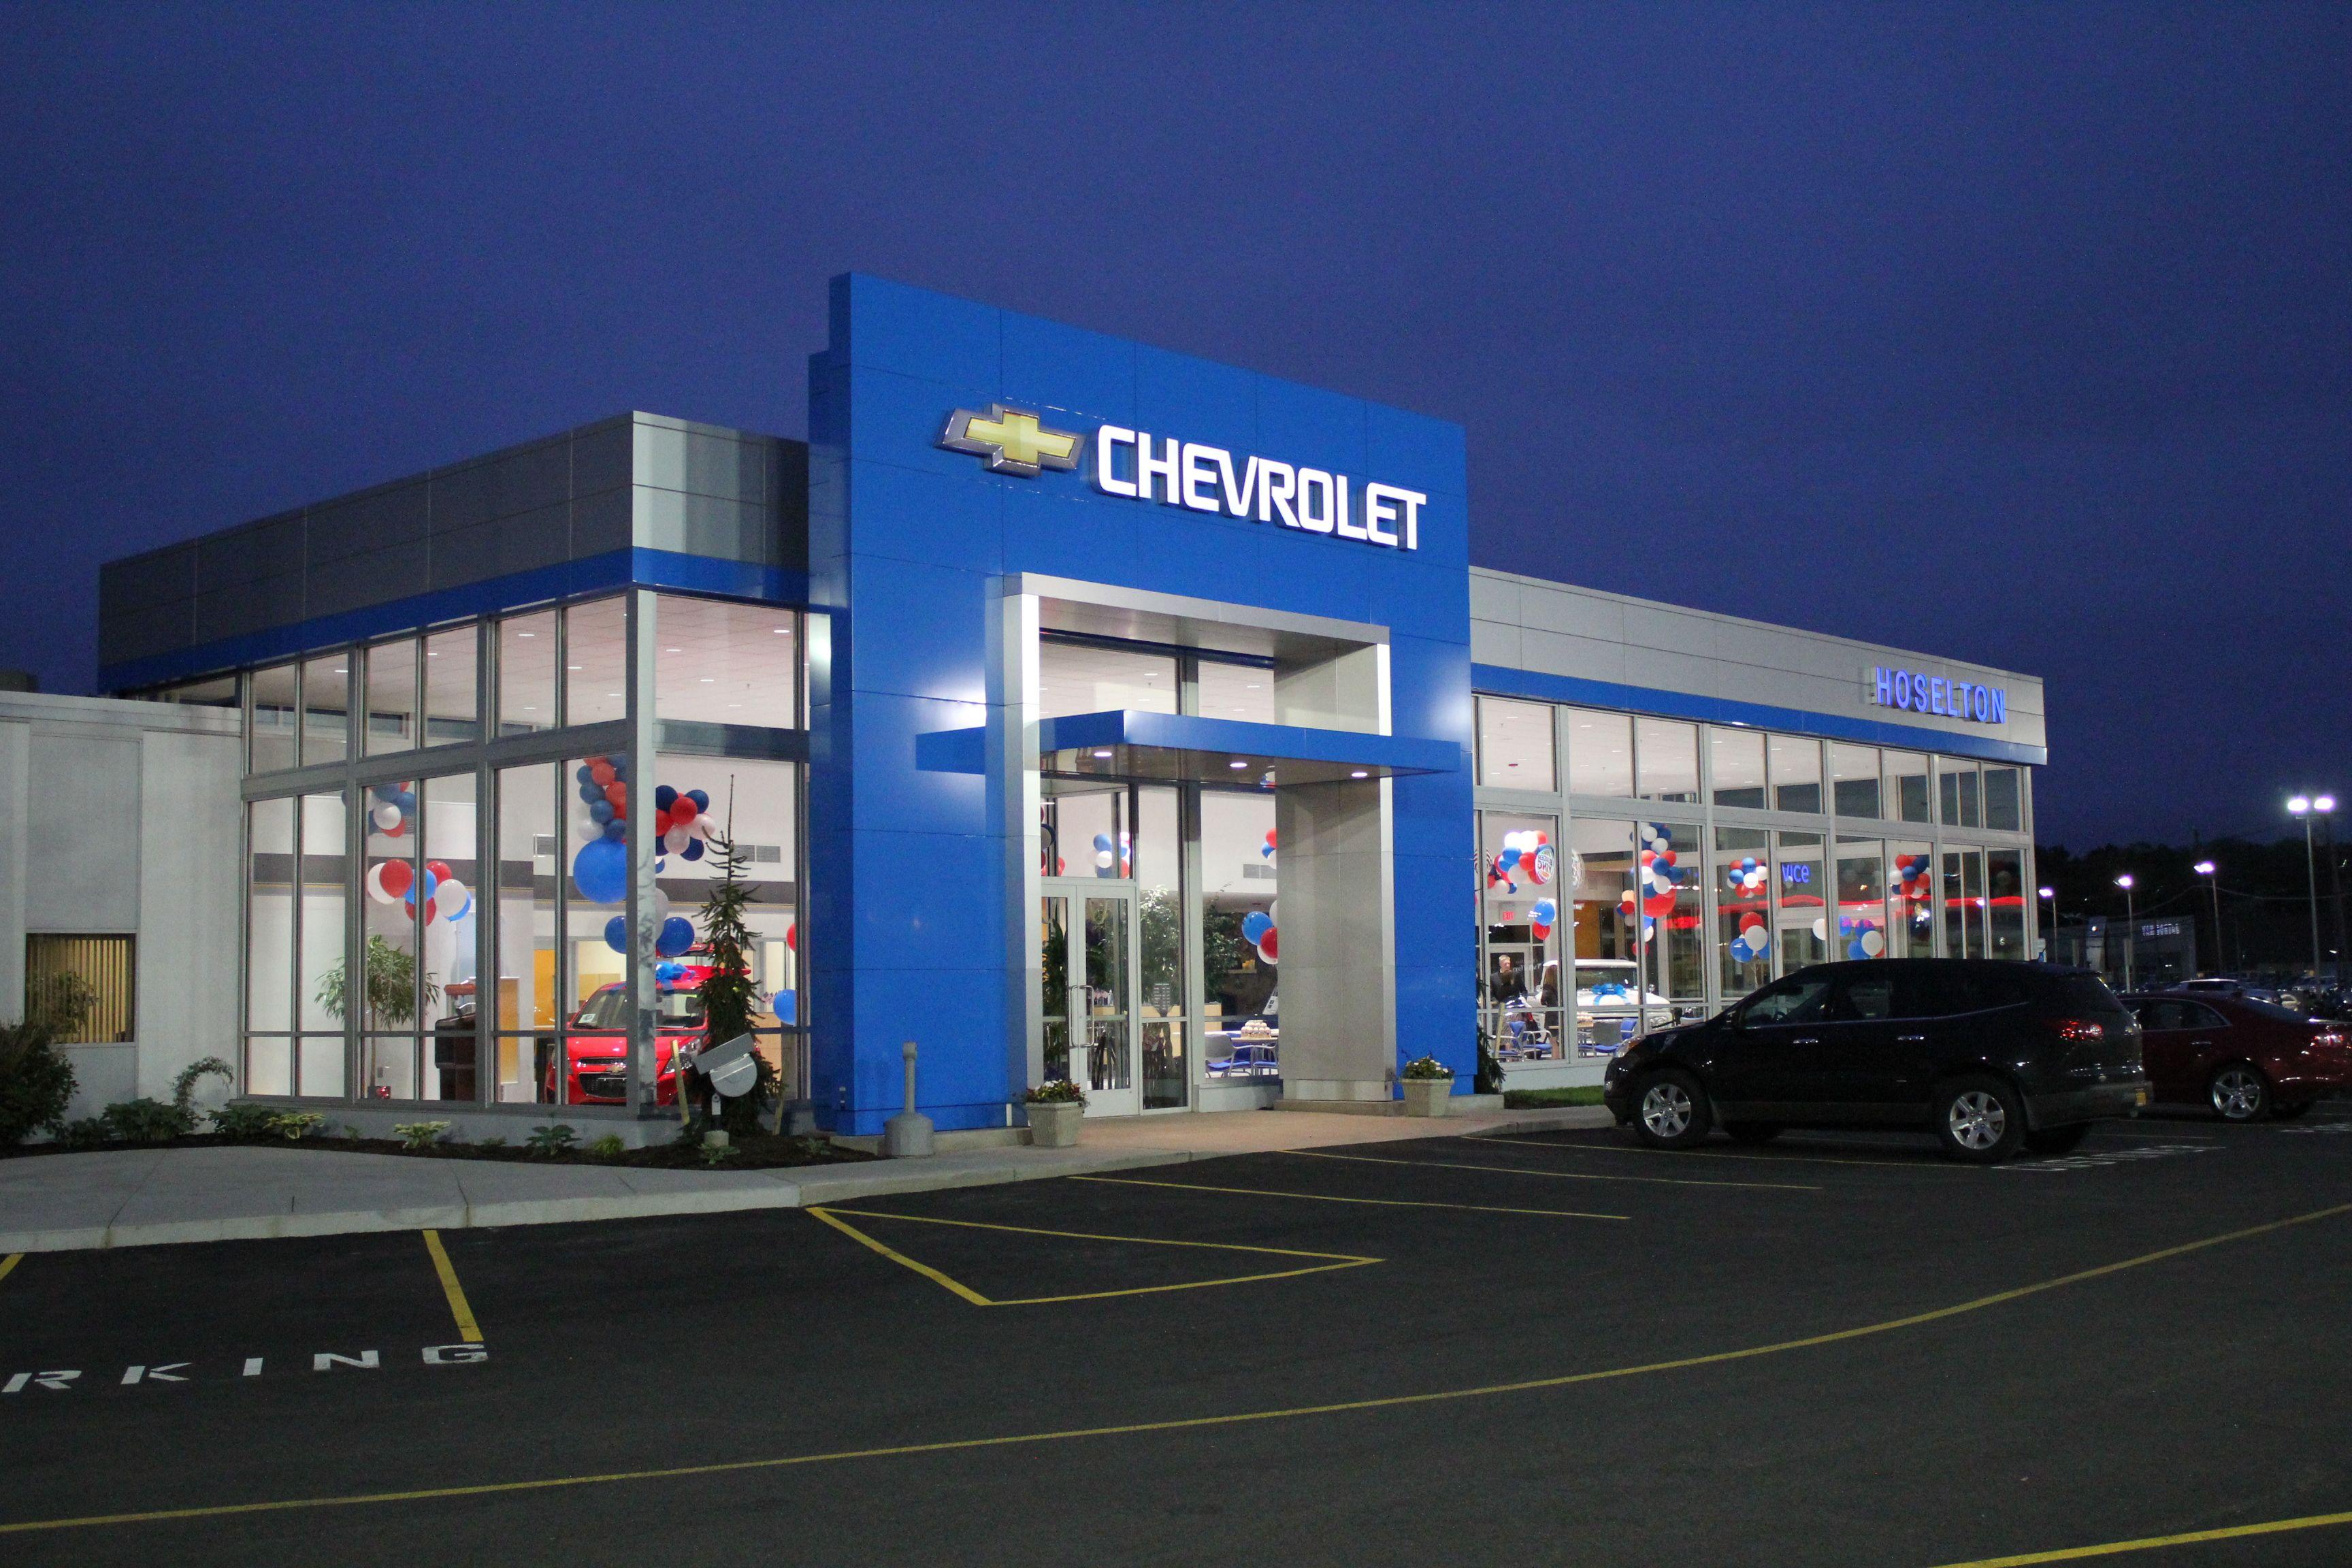 Hoselton Chevrolet East Rochester New York Http Www